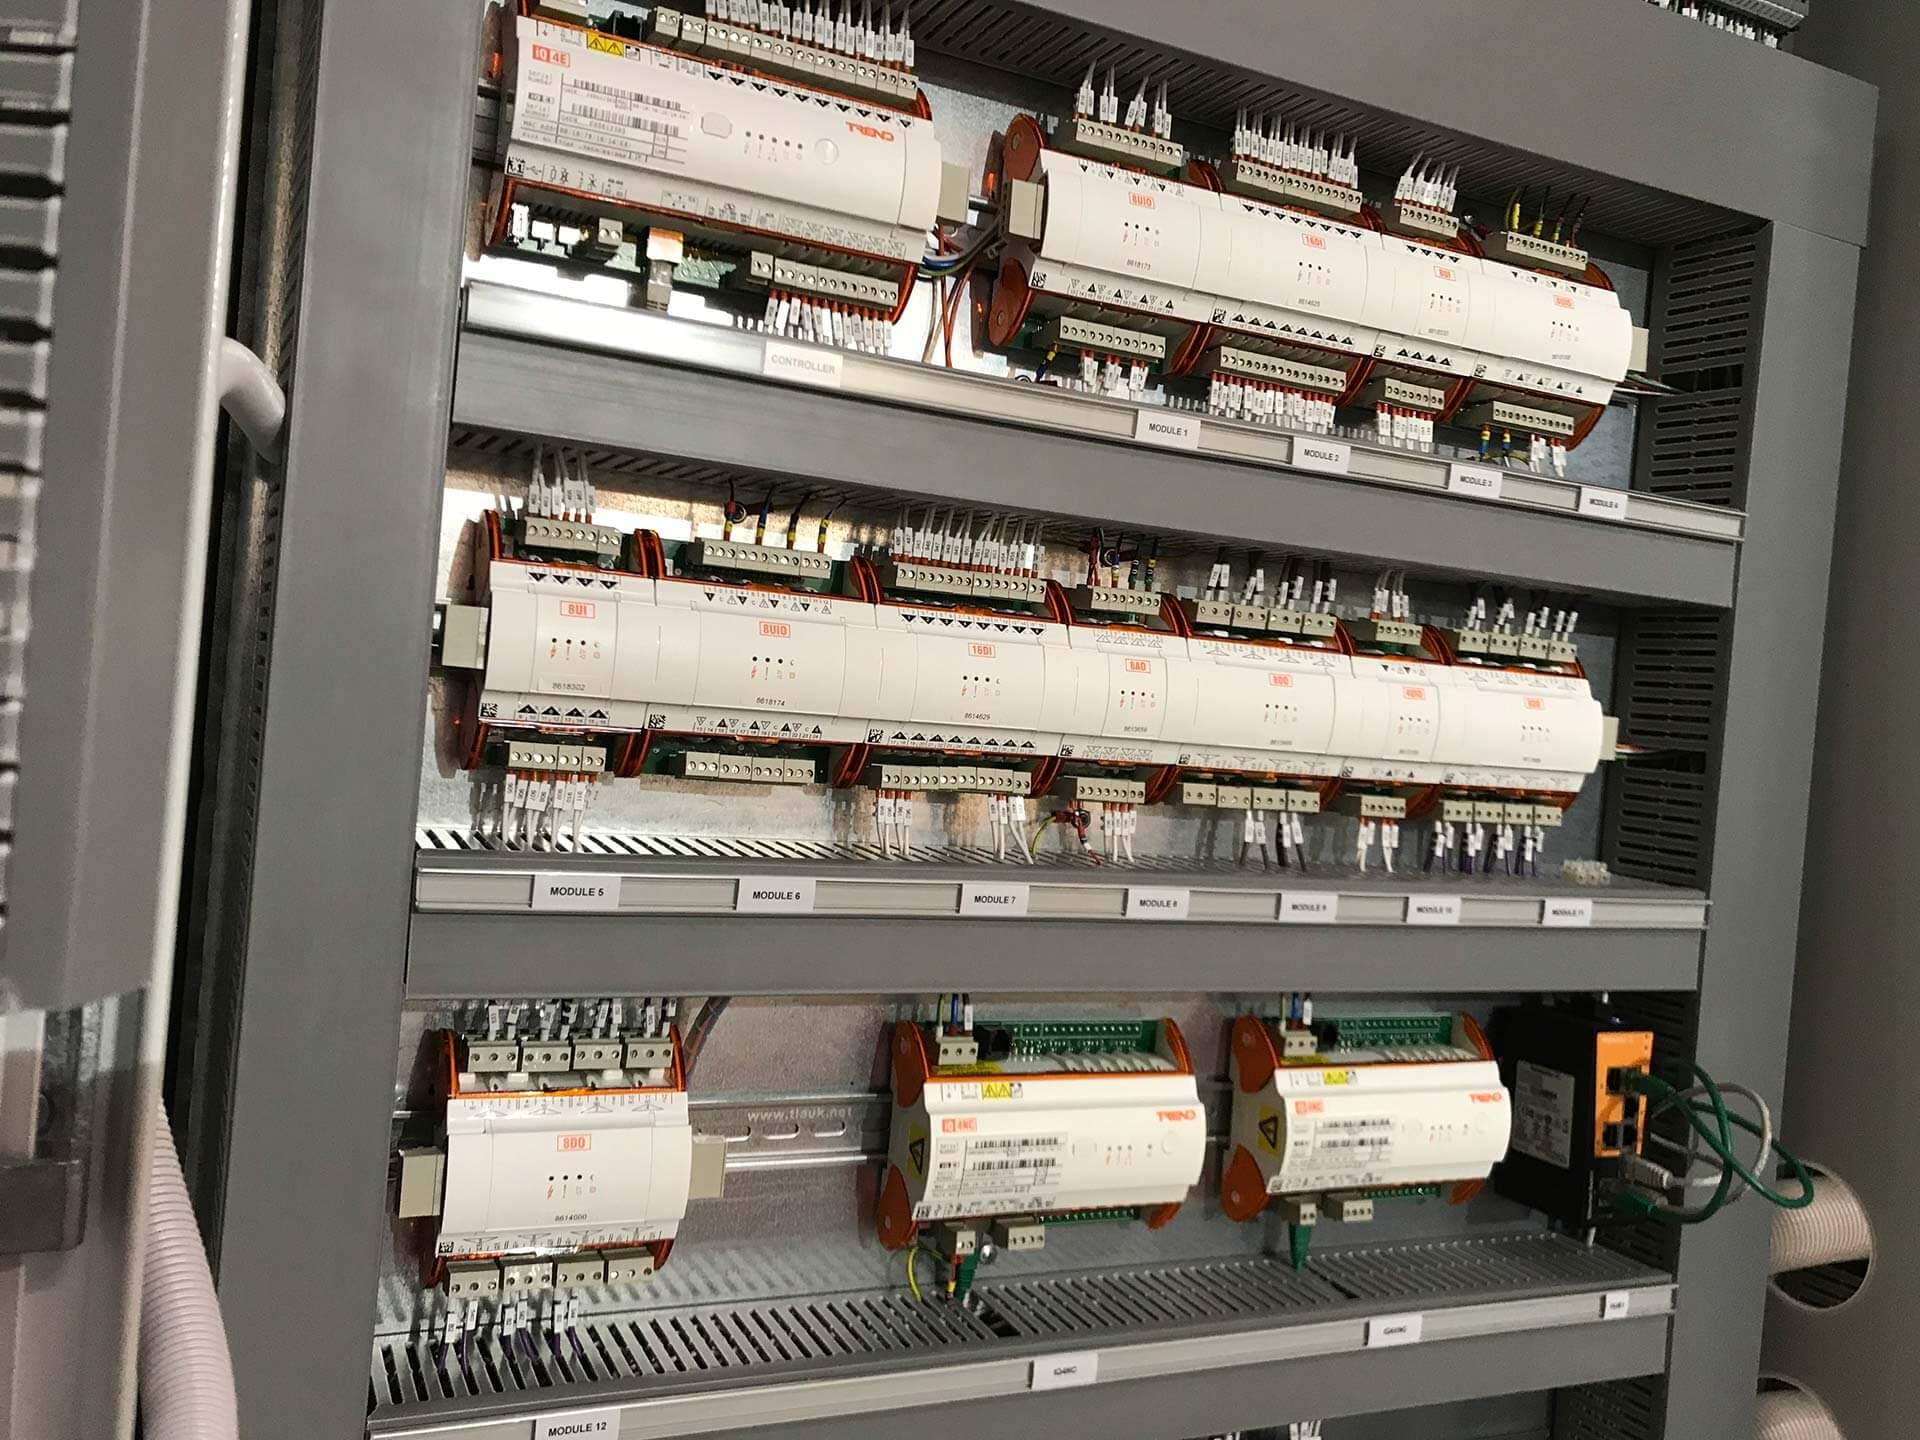 Building Management System Upgrade